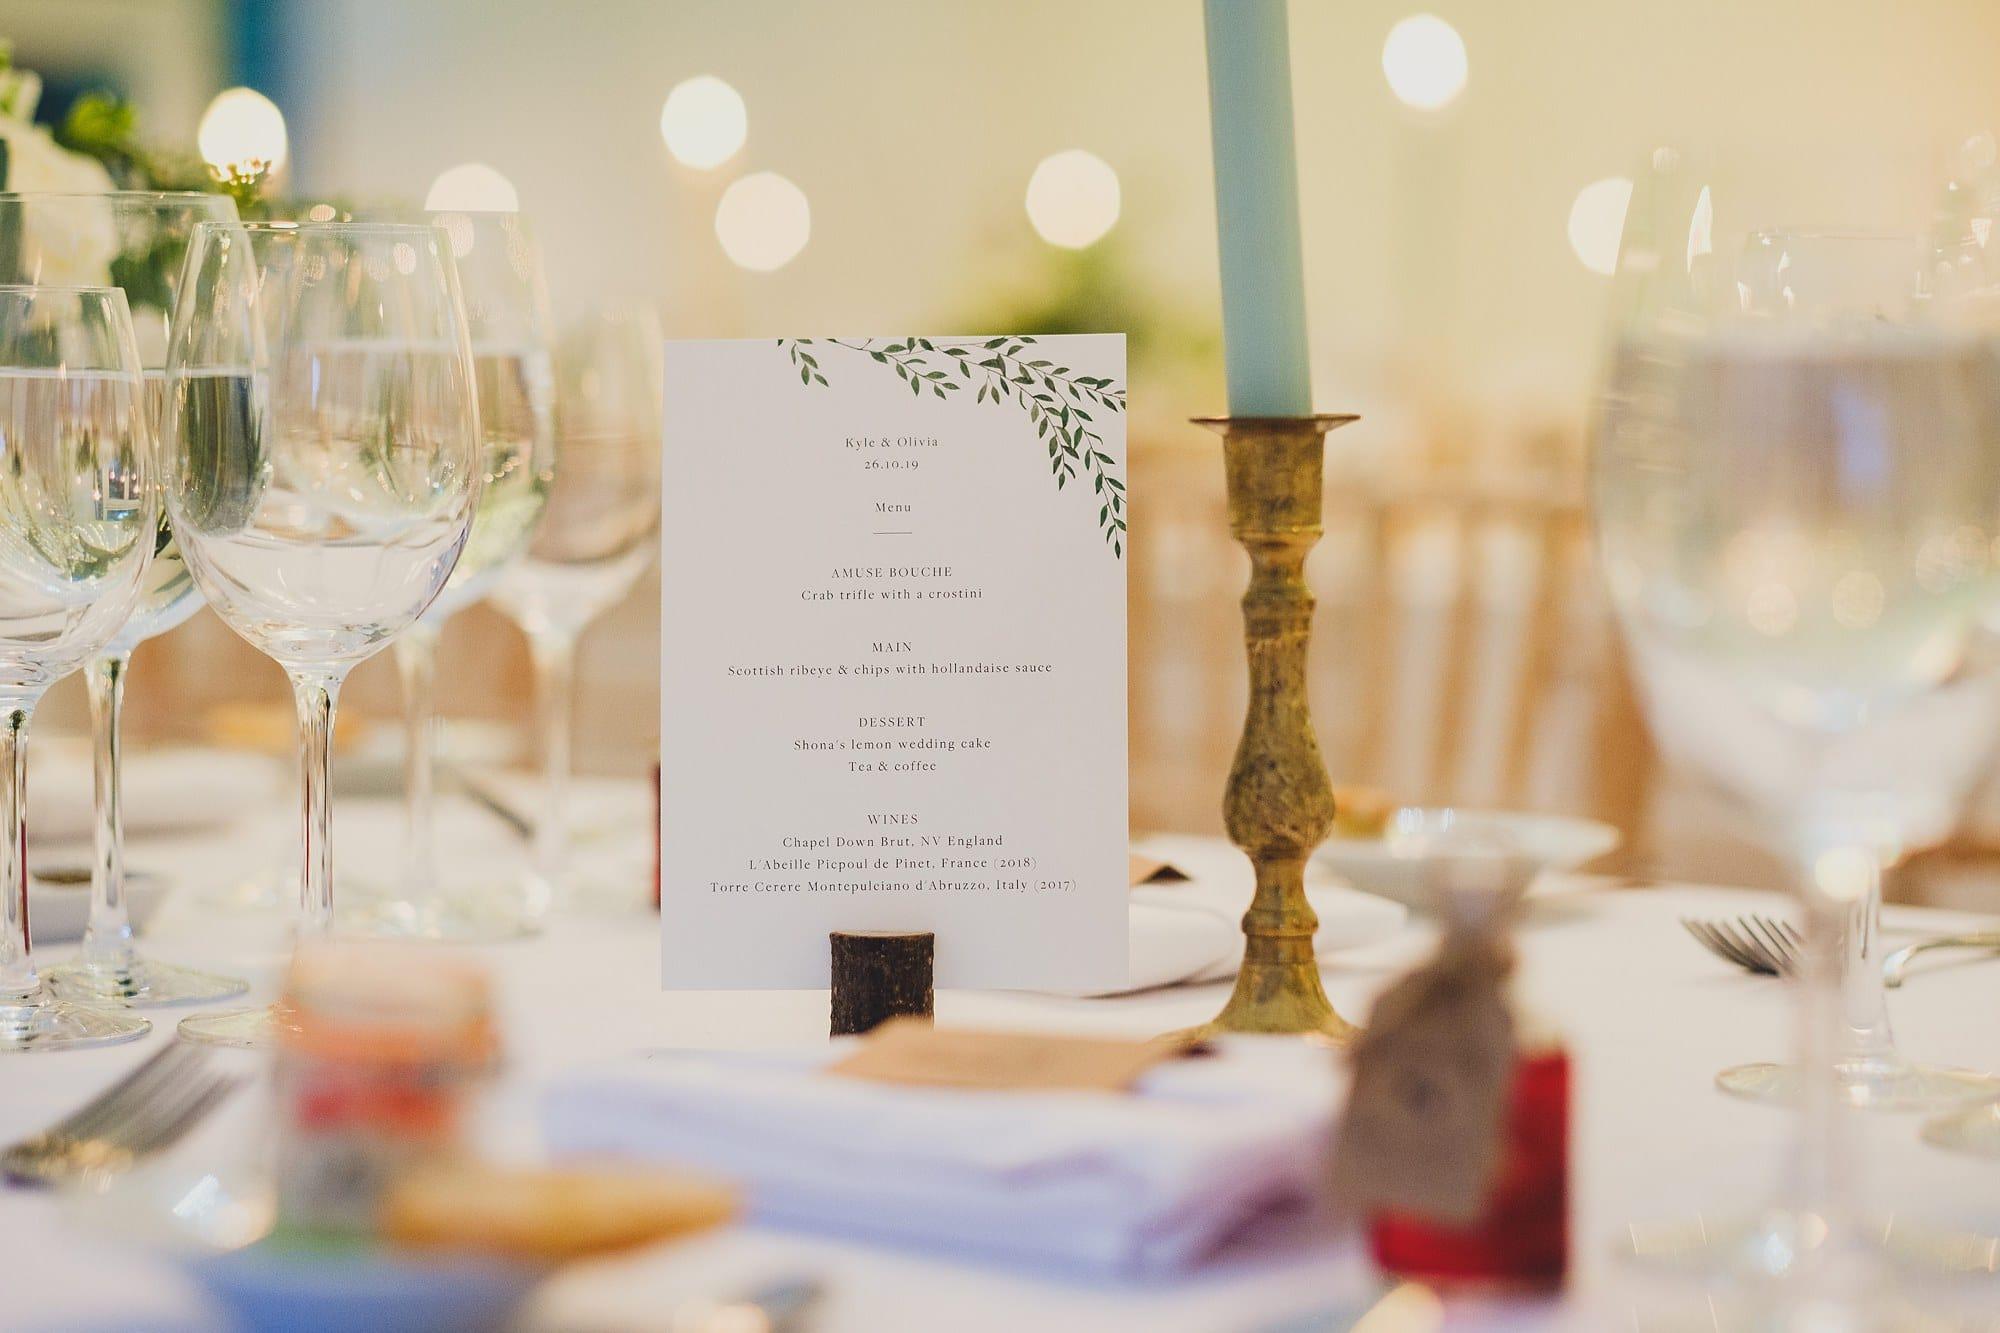 fulham palace wedding photographer ok 072 - Olivia + Kyle